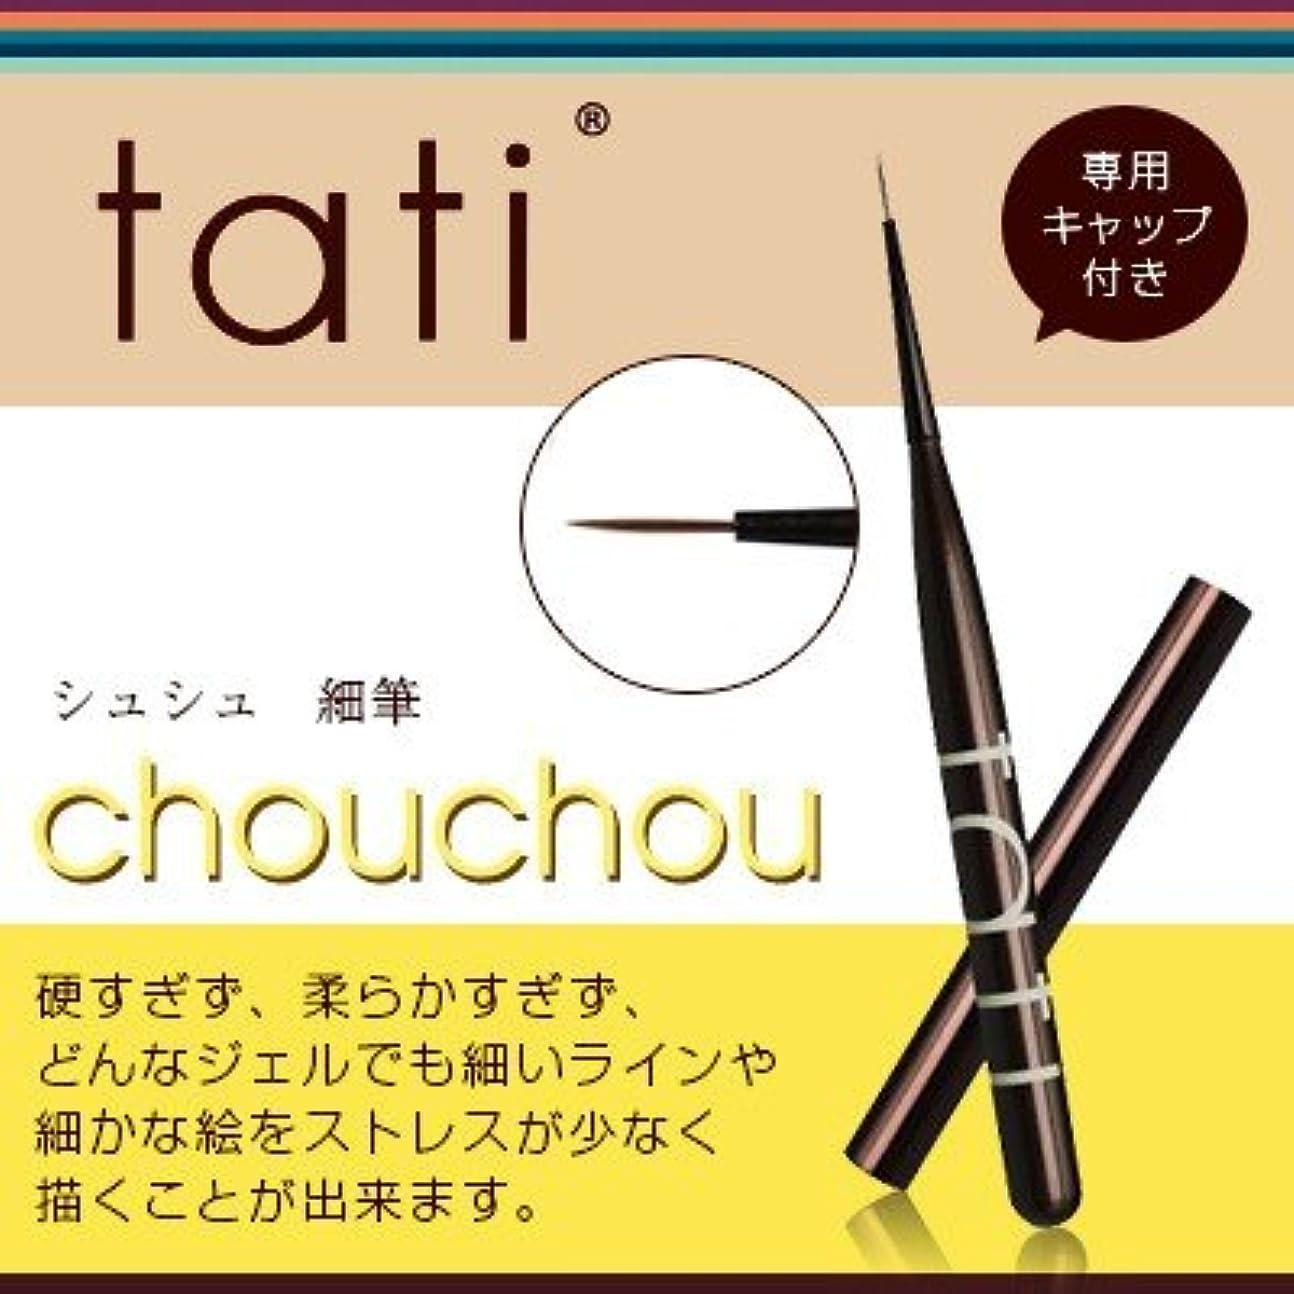 ドリル無意味貝殻tati アートショコラ chouchou (シュシュ)